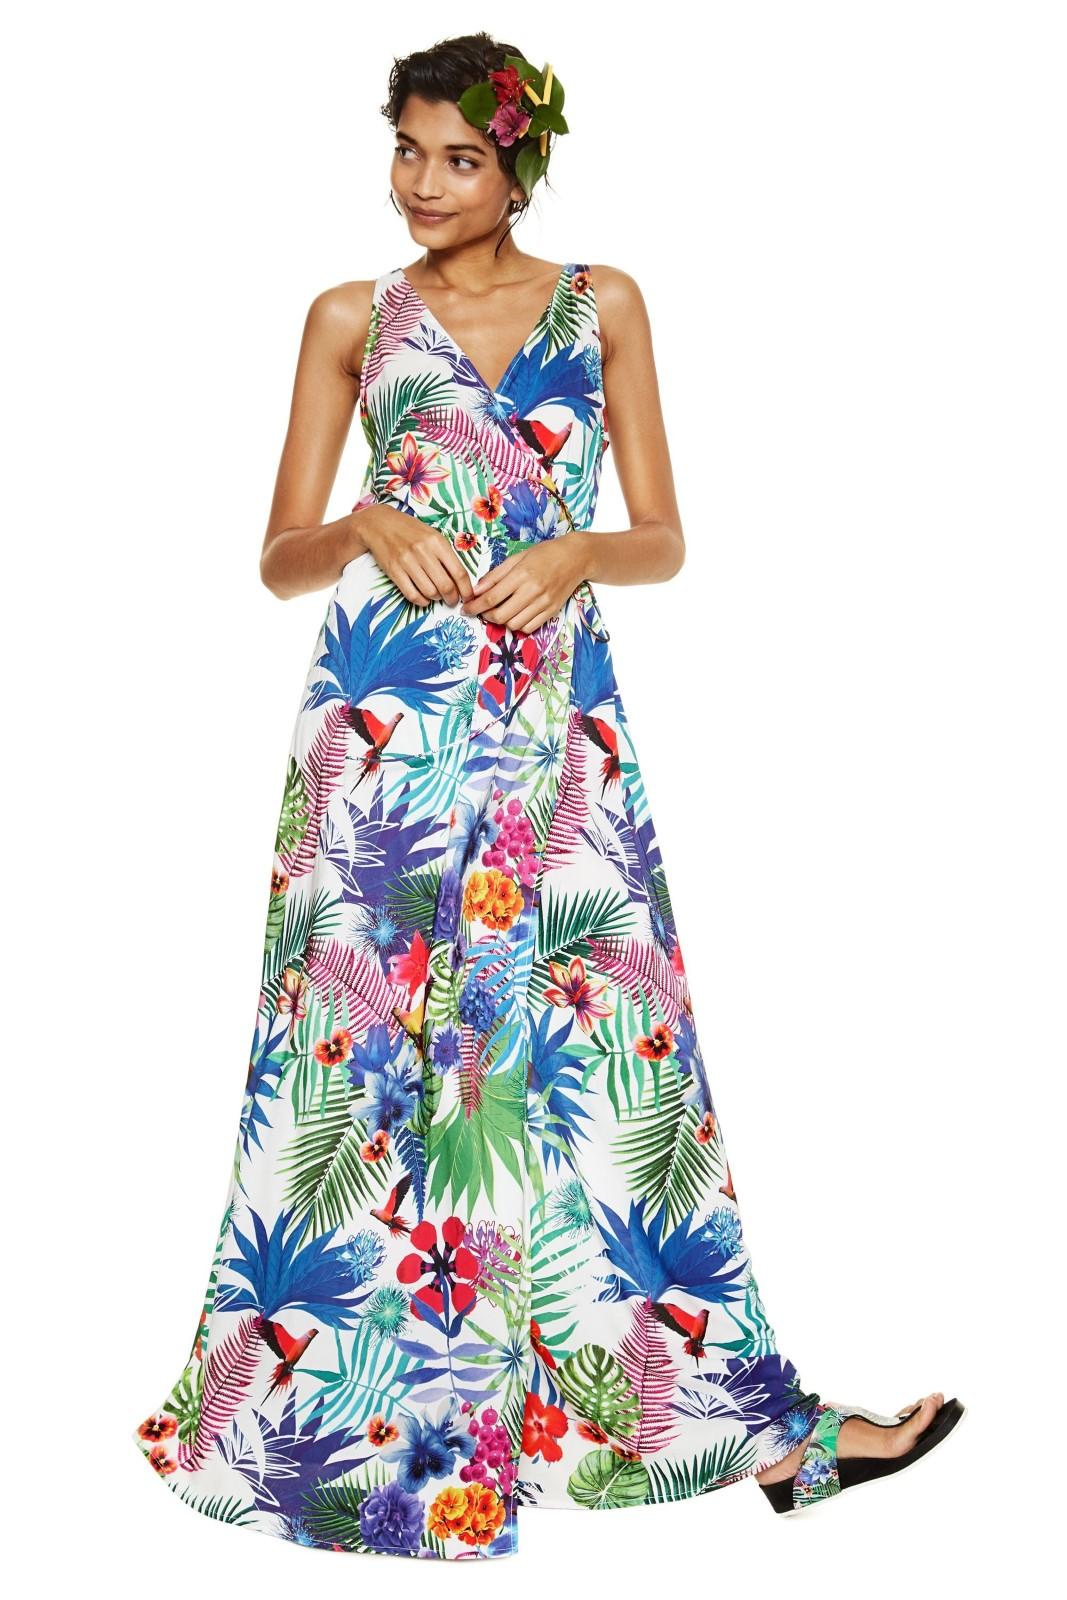 Desigual farebné šaty Jasmine s tropickými motívmi - Glami.sk 3f55f05d087